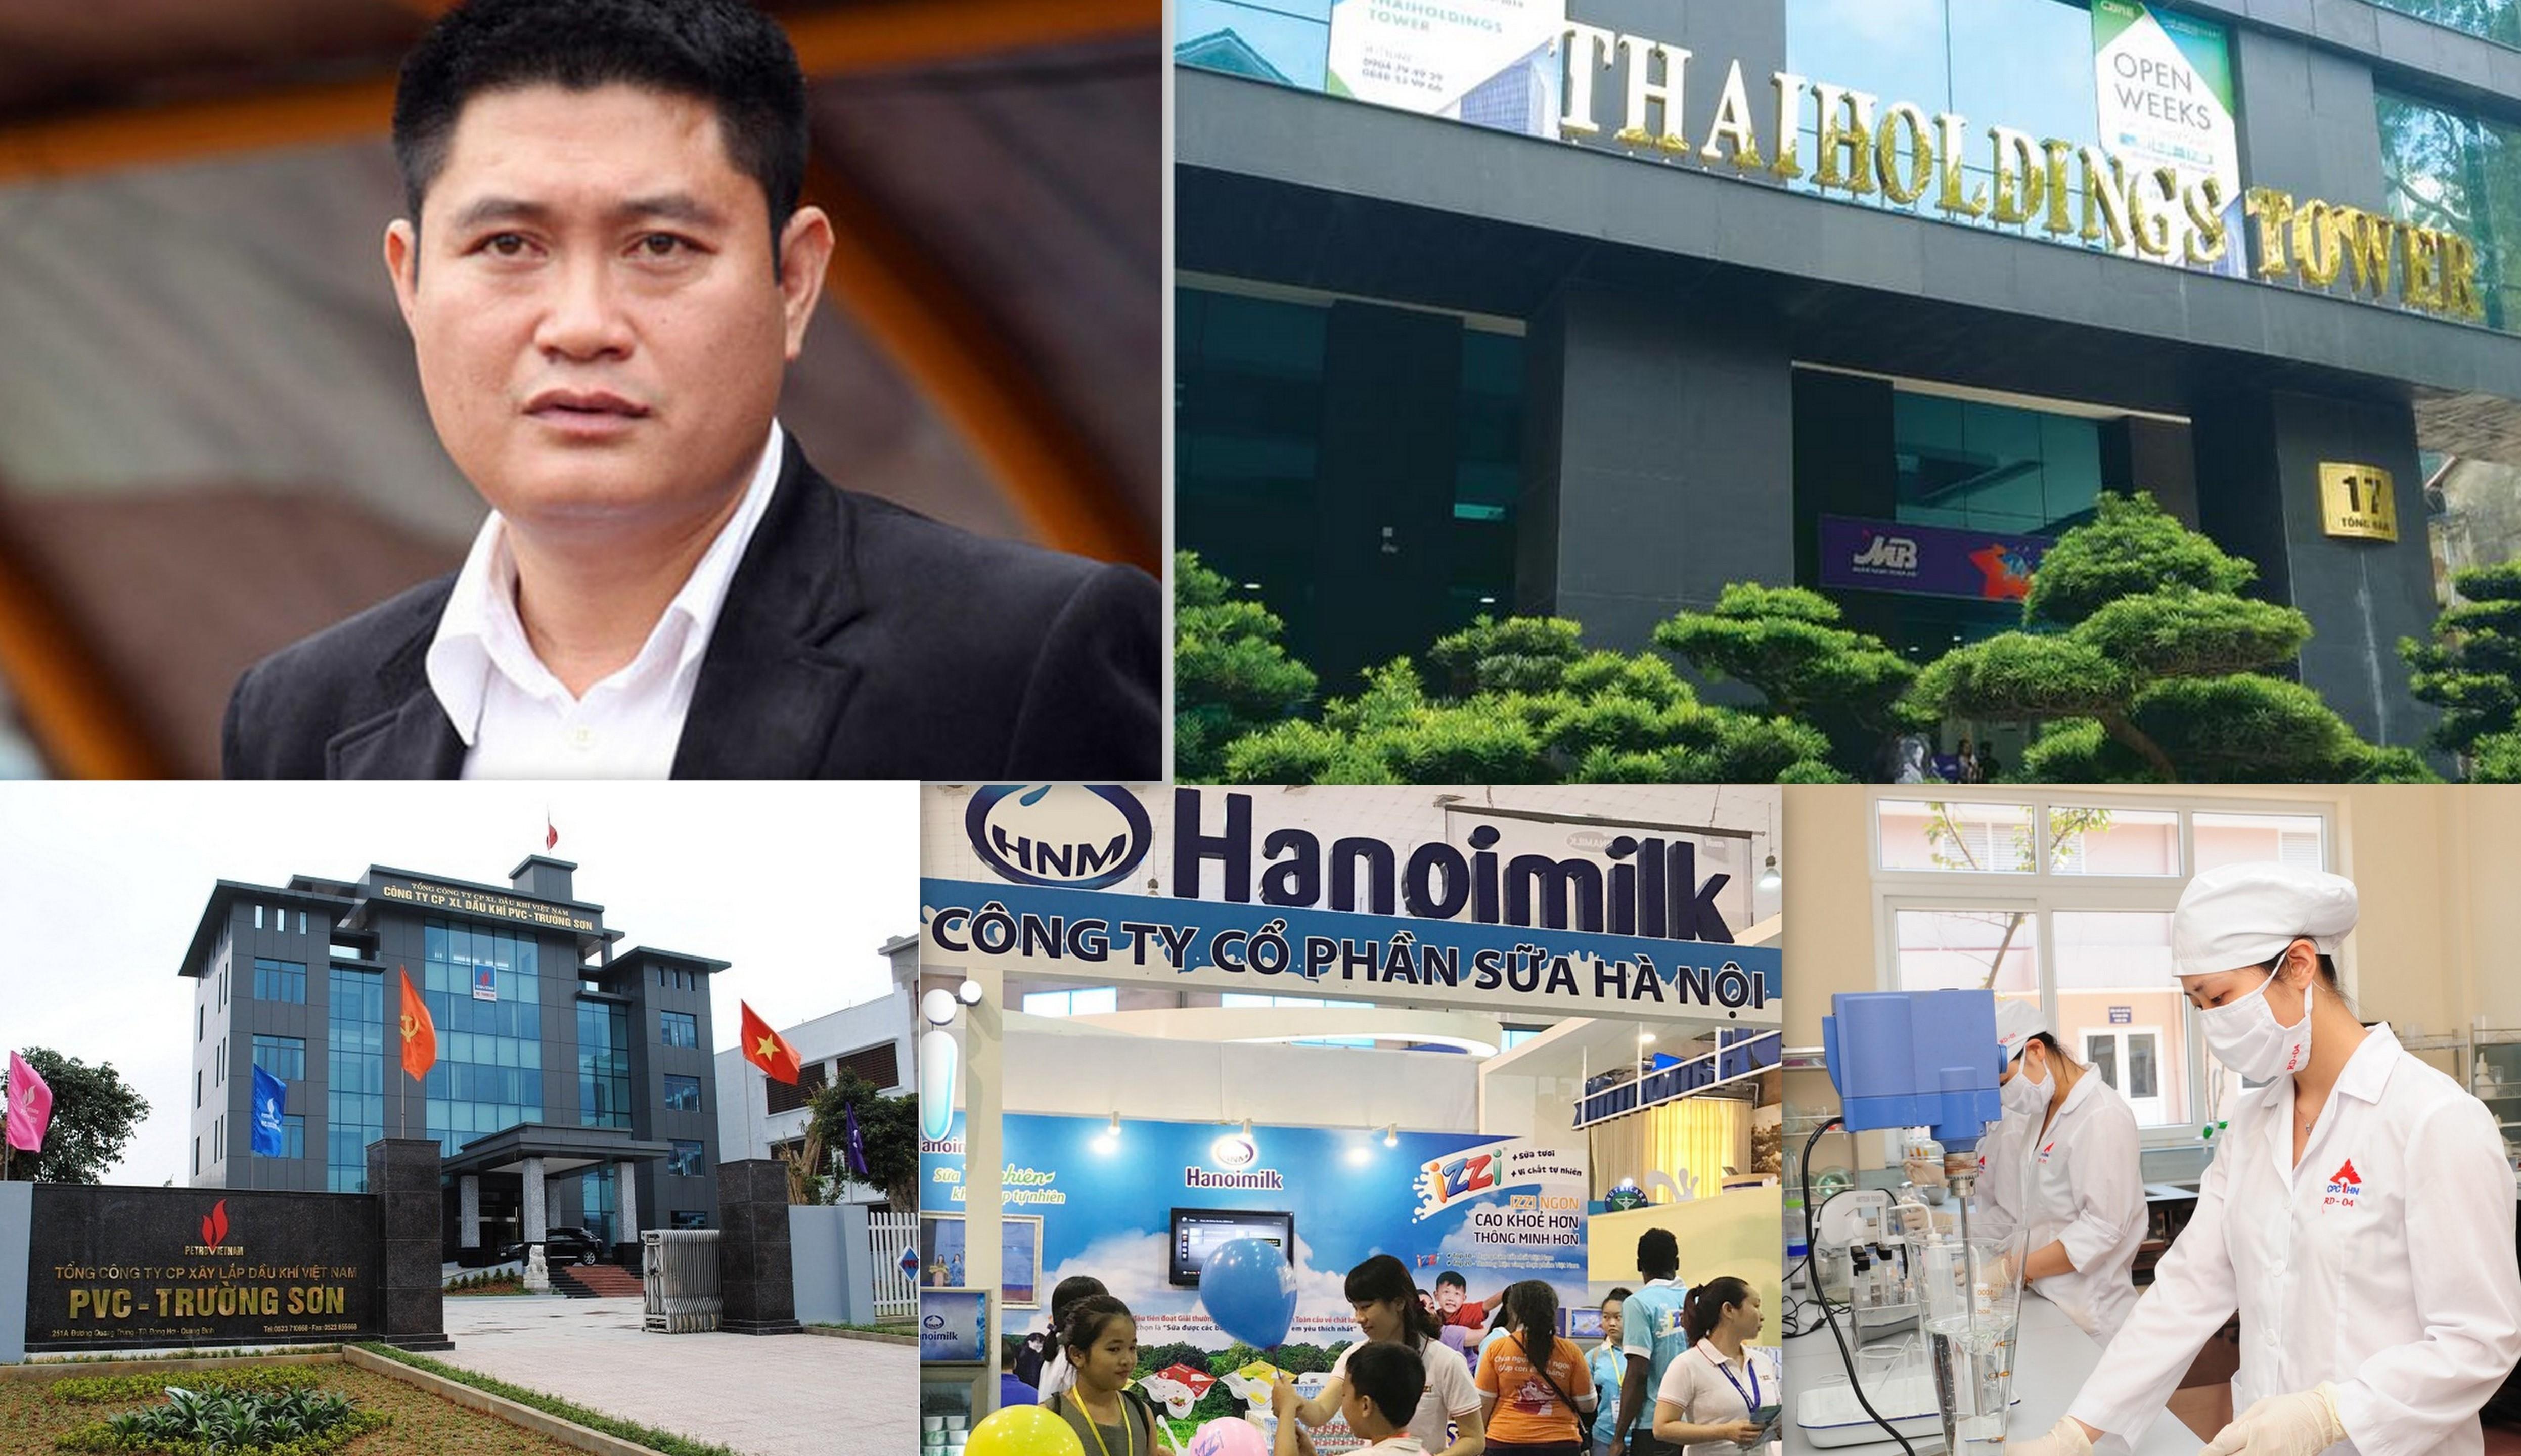 Thaiholdings do bầu Thụy rót vốn niêm yết trên HNX, UPCoM đón 'tân binh' ngành dược phẩm cùng hai mã rời sàn - Ảnh 1.